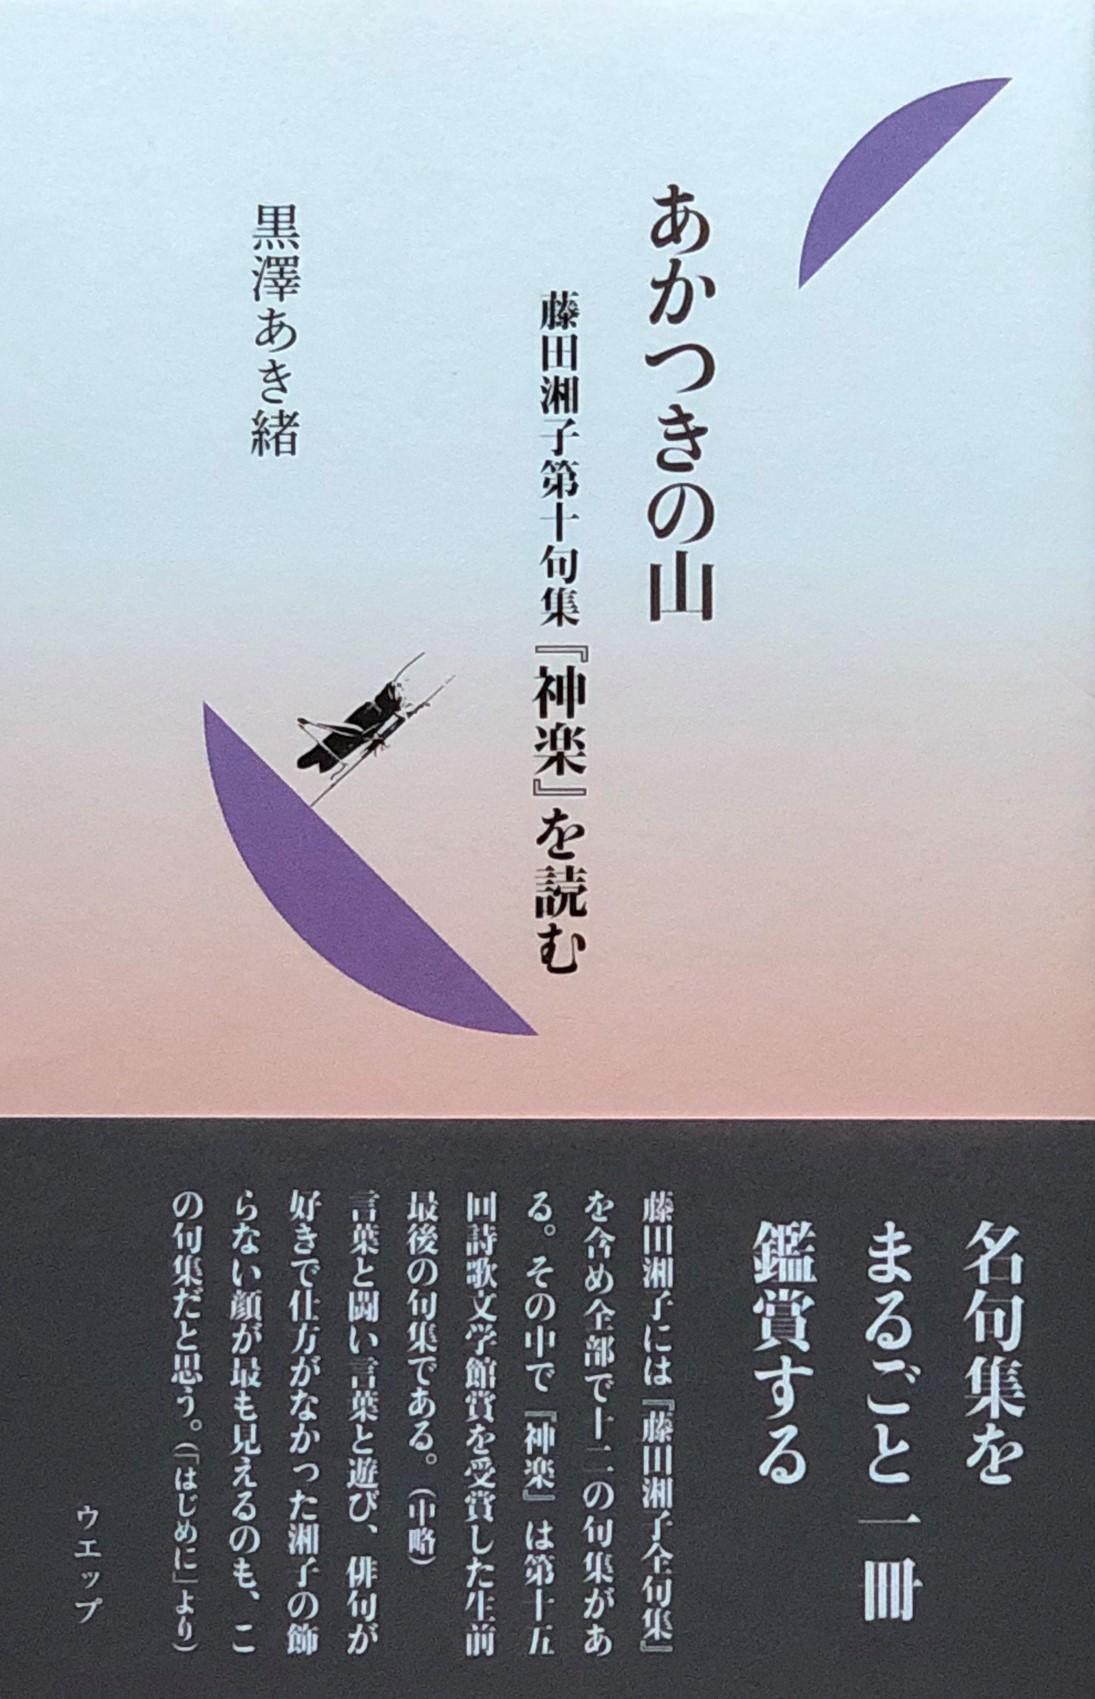 『あかつきの山』 副題    藤田湘子第十句集『神楽』を読む